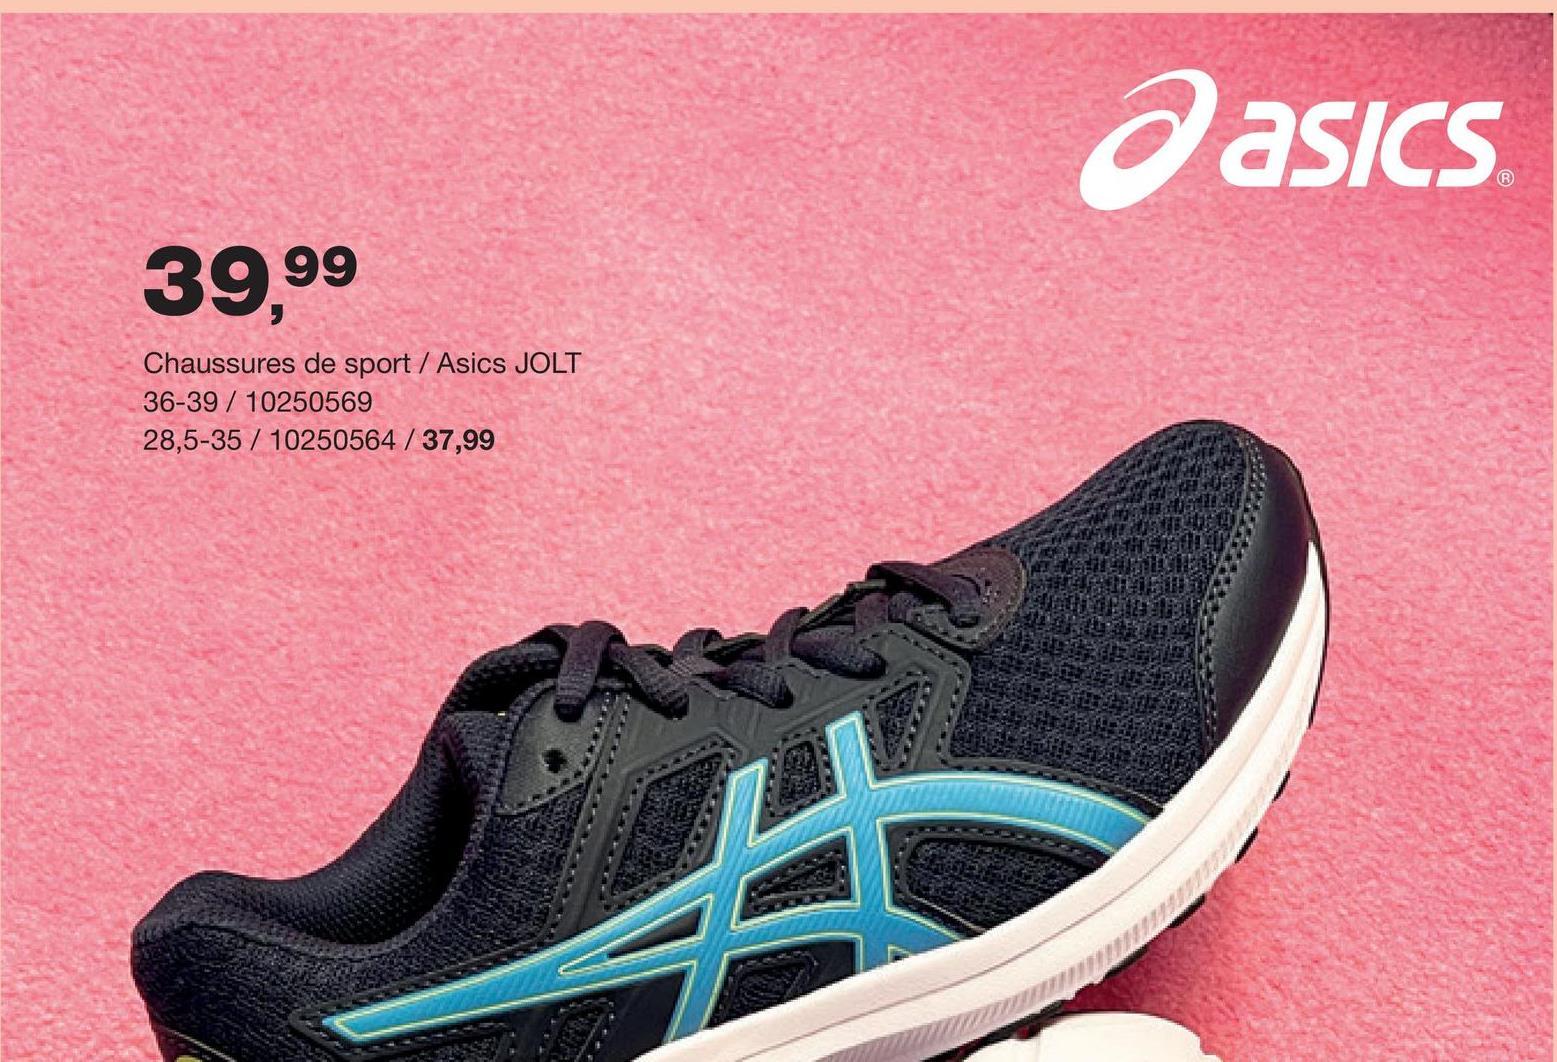 Chaussure de course Jolt 3 PS Asics - Bleu marine Tu cherches des chaussures de course pour garçons ? Découvre immédiatement ces chaussures Asics confortables en bleu pourvues de lacets élastiques et une fermeture à velcro.